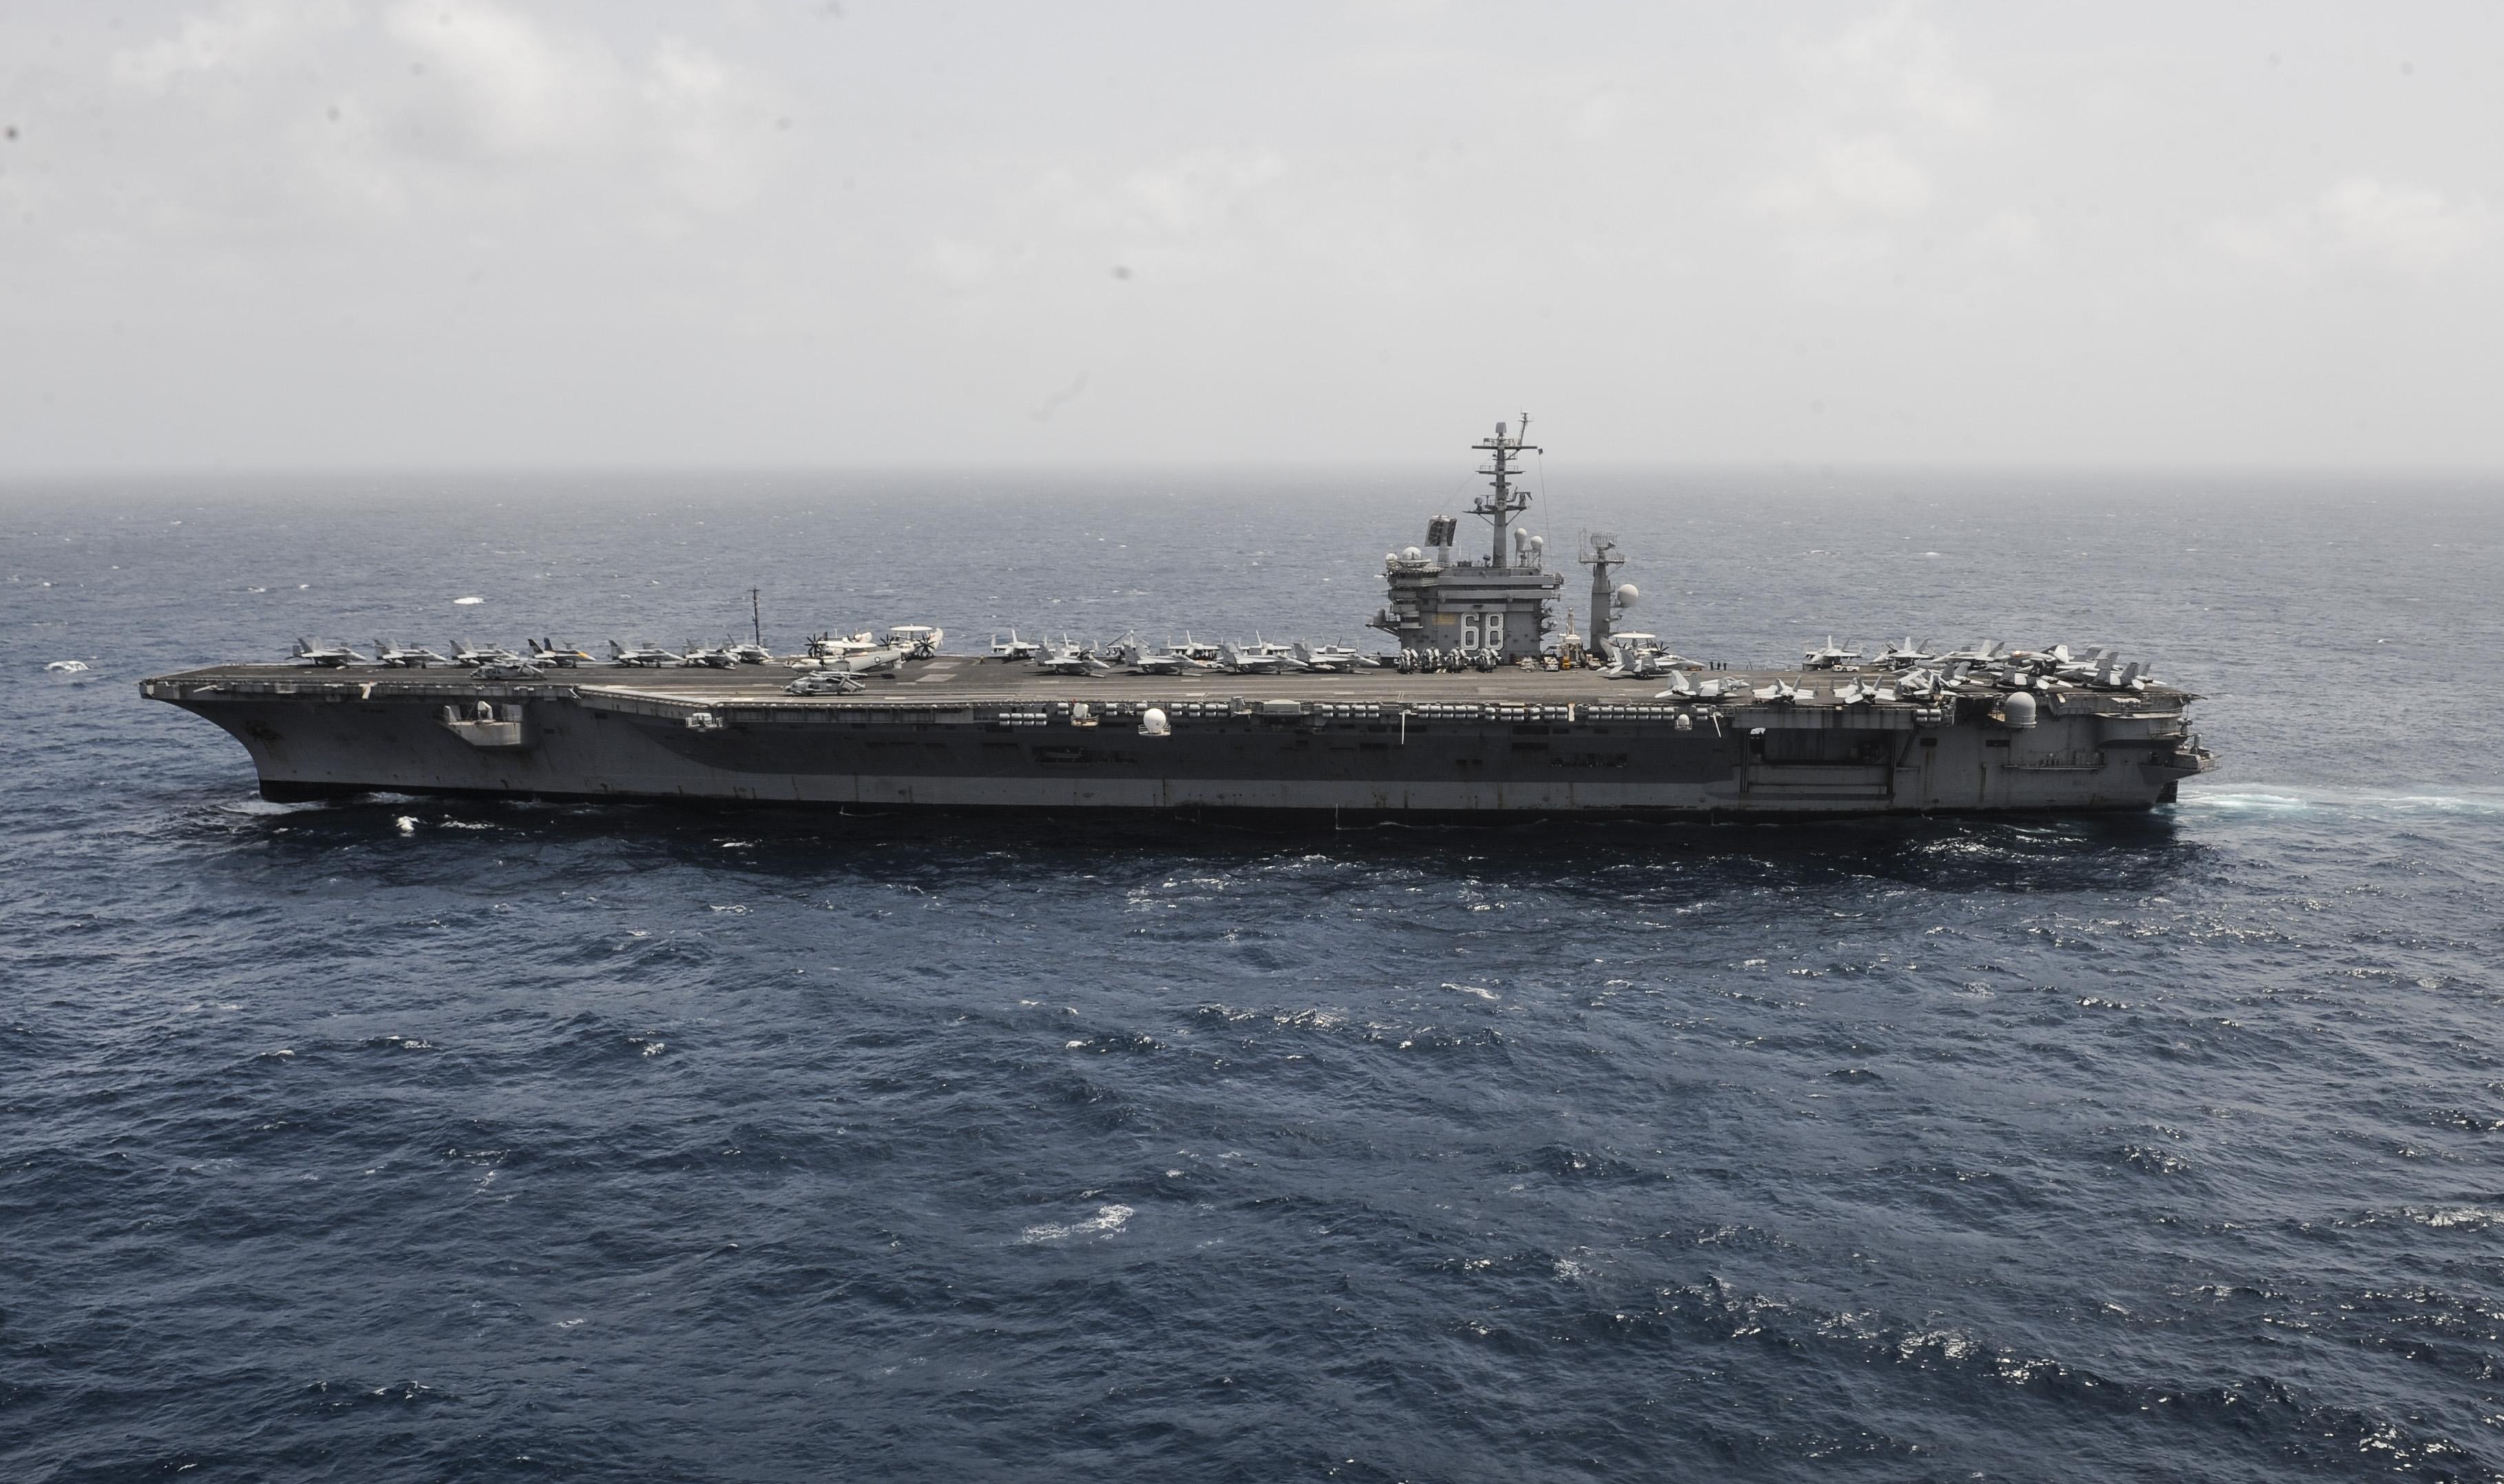 USS NIMITZ CVN-68 am 29.08.2013 im Arabischen MeerBild: U.S. Navy